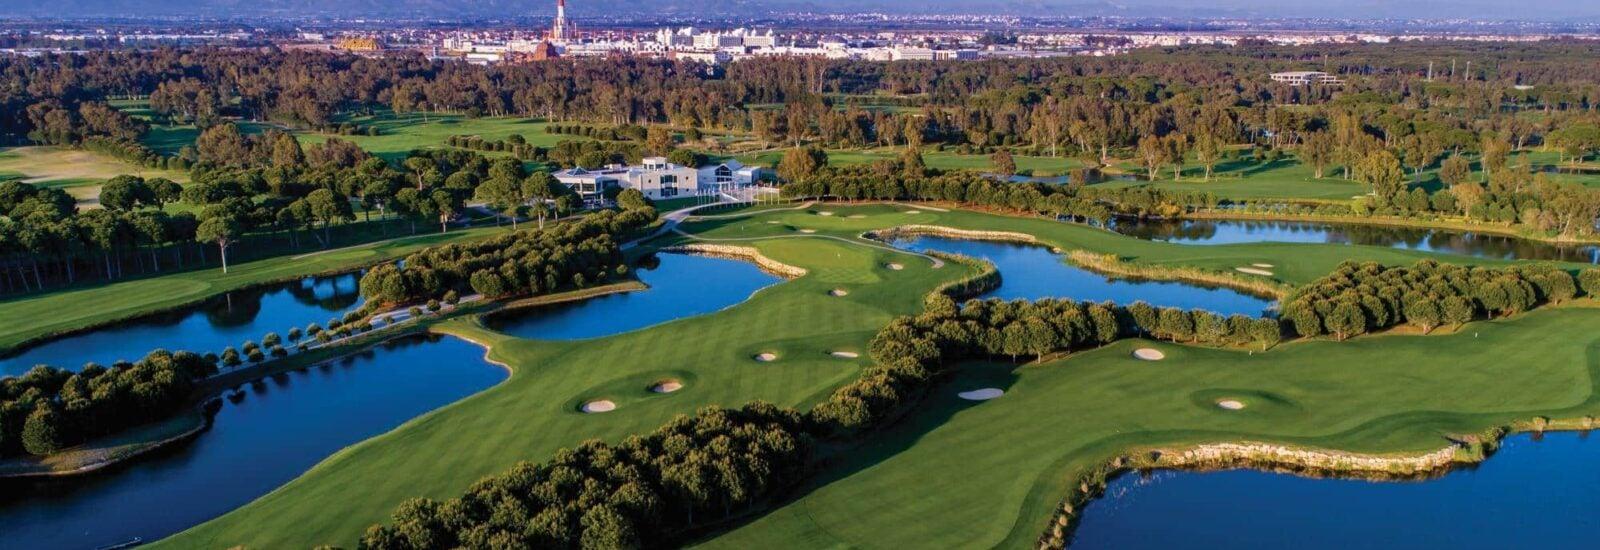 Pga Sultan Golfplatz